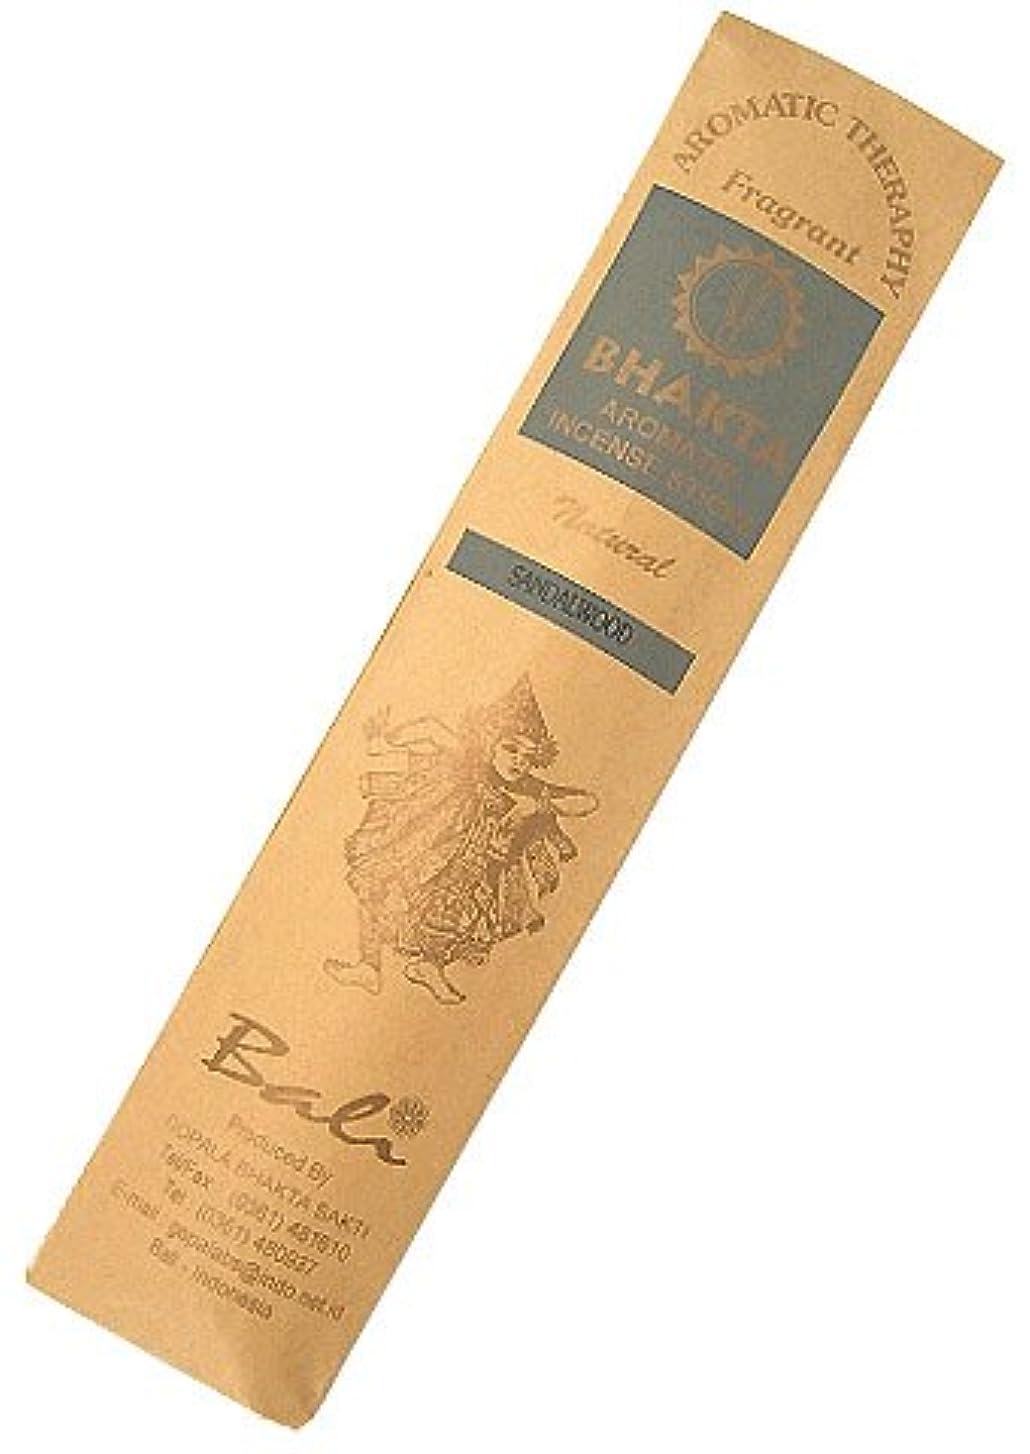 直立トークアプローチお香 BHAKTA ナチュラル スティック 香(サンダルウッド)ロングタイプ インセンス[アロマセラピー 癒し リラックス 雰囲気作り]インドネシア?バリ島のお香